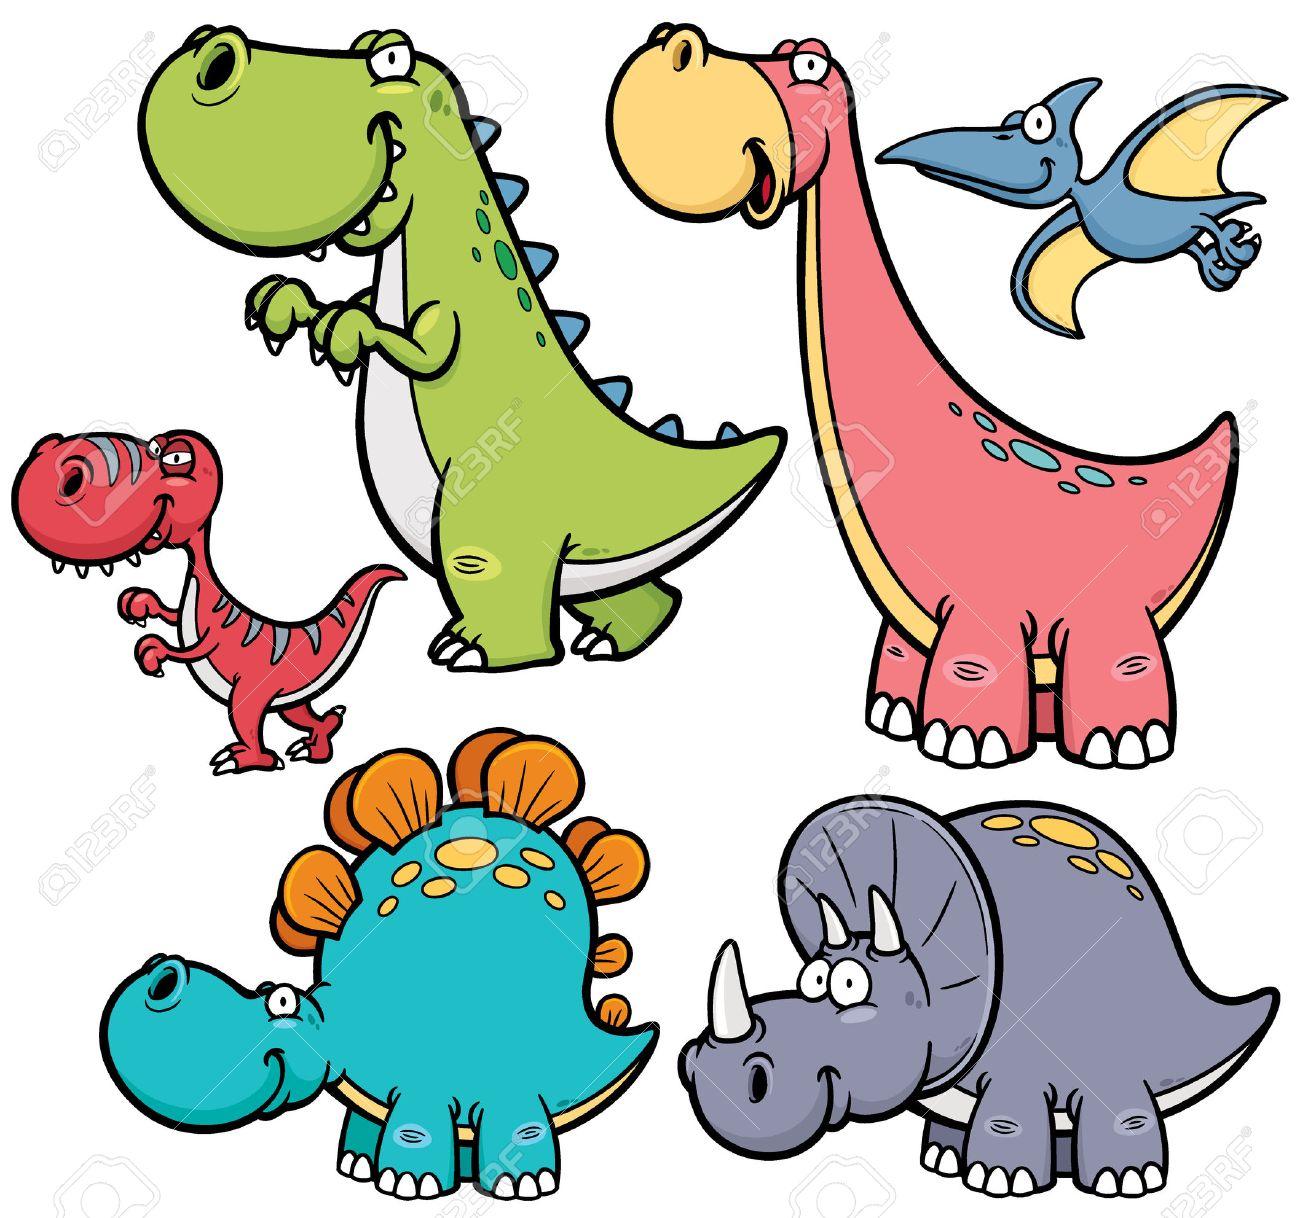 Ilustracion Vectorial De Personajes De Dibujos Animados Dinosaurios Ilustraciones Vectoriales Clip Art Vectorizado Libre De Derechos Image 32099151 Todos los gráficos animados de dibujos para colorear dinosaurios son totalmente gratuitos y se pueden enlazar directamente, descargar o compartir a través de tarjetas virtuales. ilustracion vectorial de personajes de dibujos animados dinosaurios